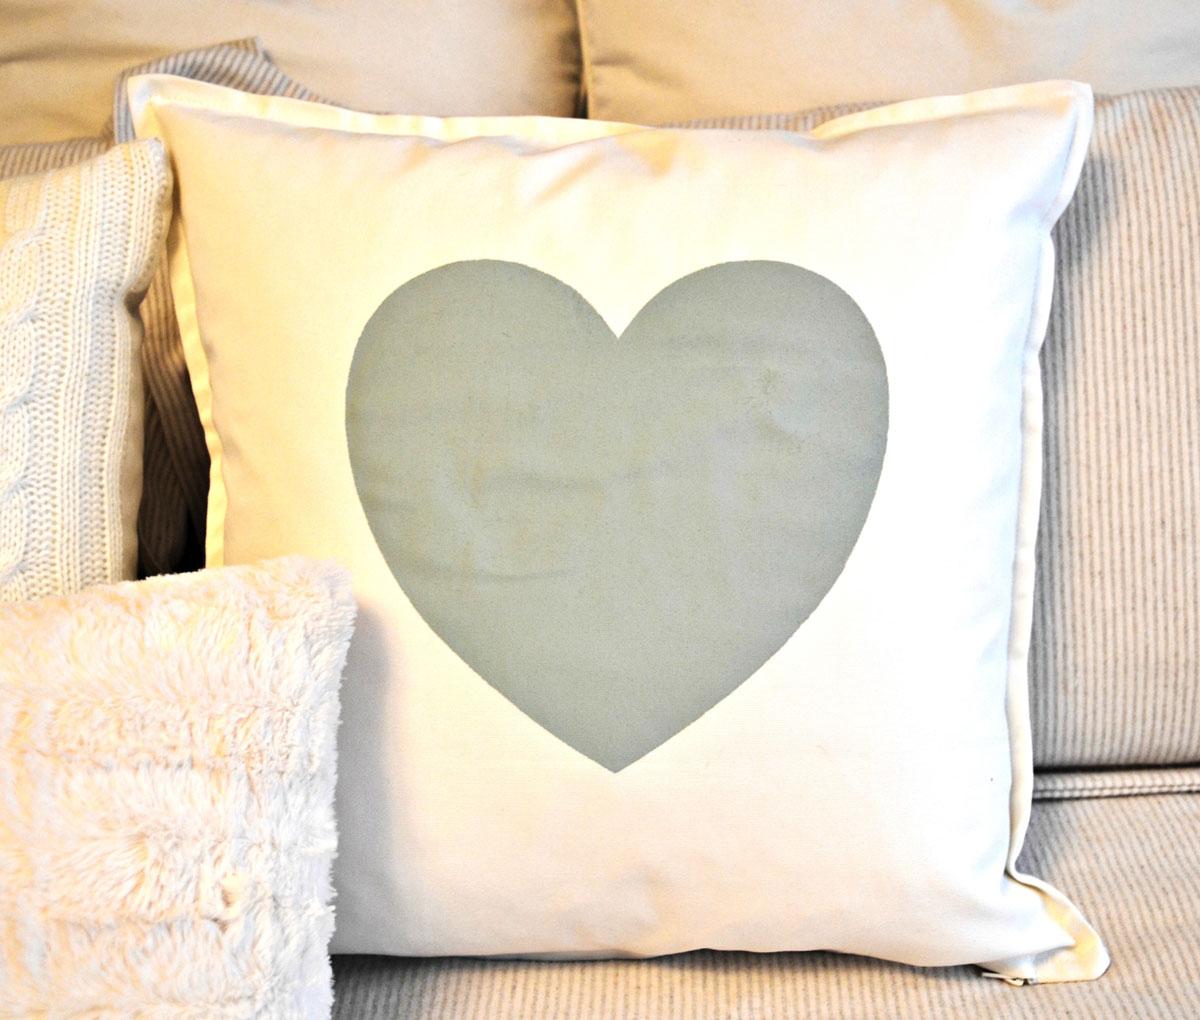 Oryginalny prezent lub dekoracja na Walentynki, którą możesz zrobić sama: biała poduszka ozdobna z naszytym szarym sercem - na sypialnianym łóżku